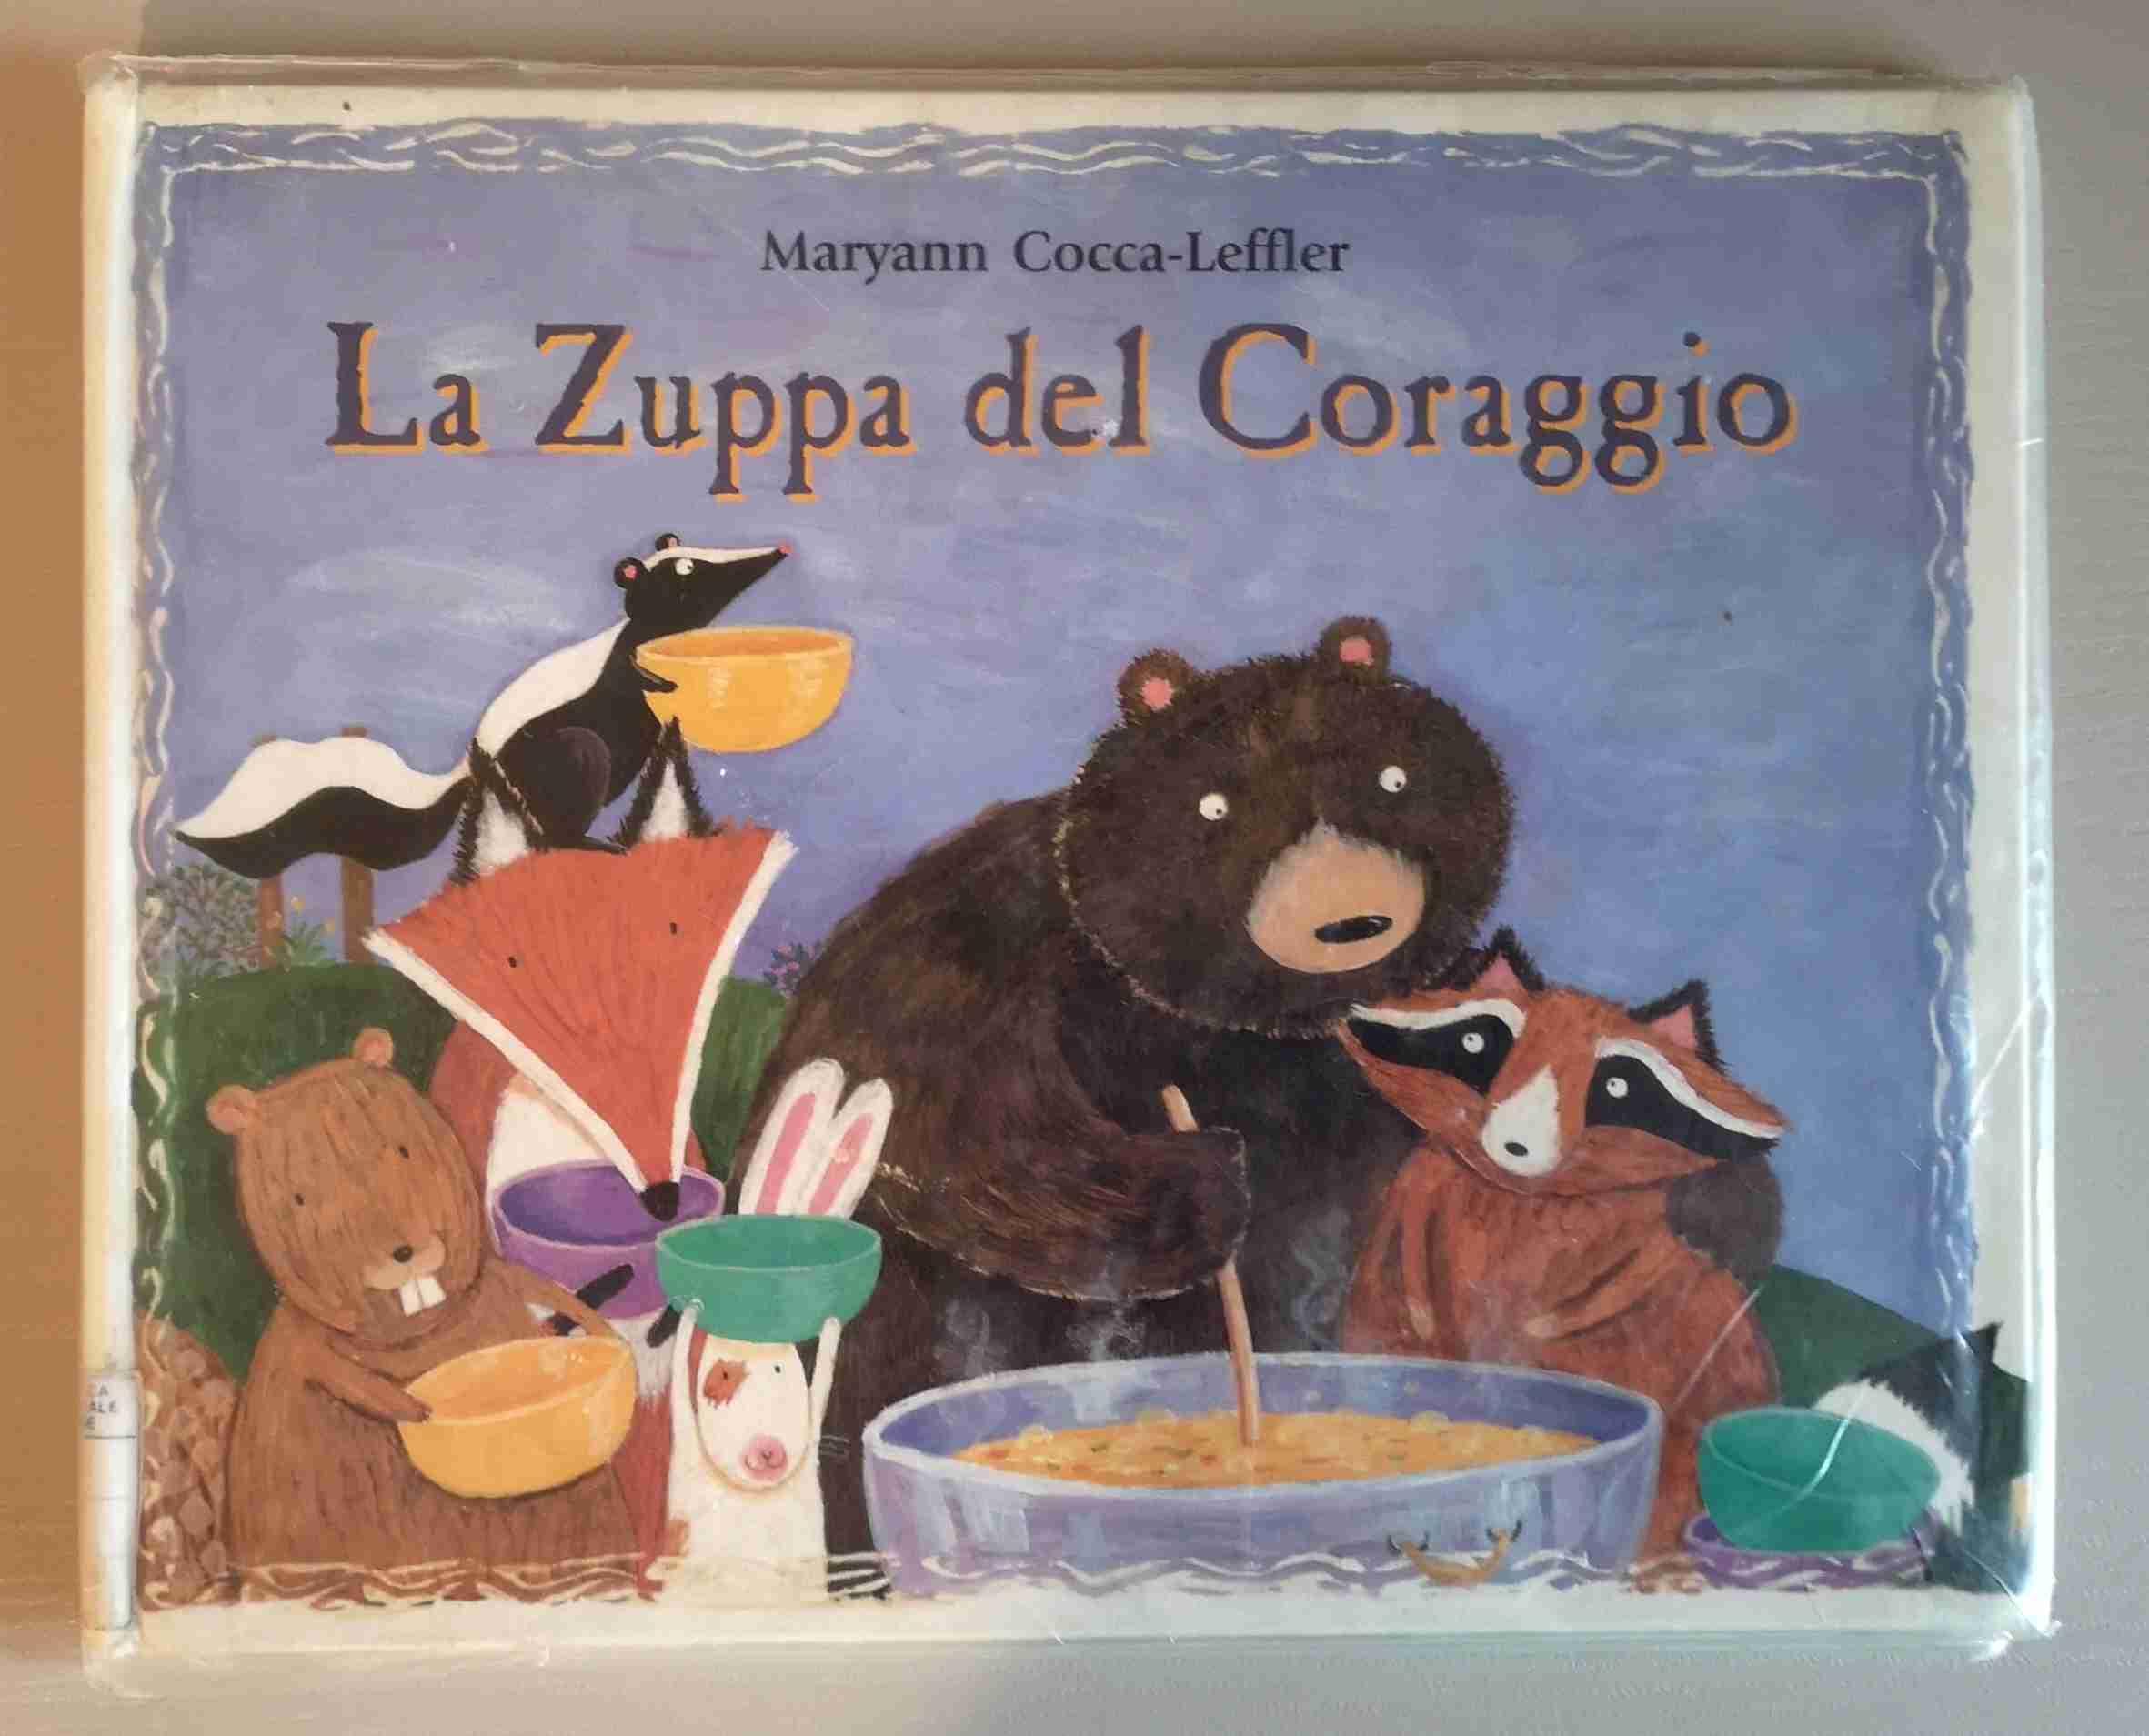 LA ZUPPA DEL CORAGGIO di Maryann Cocca-Leffler, IL PUNTO DI INCONTRO EDIZIONI